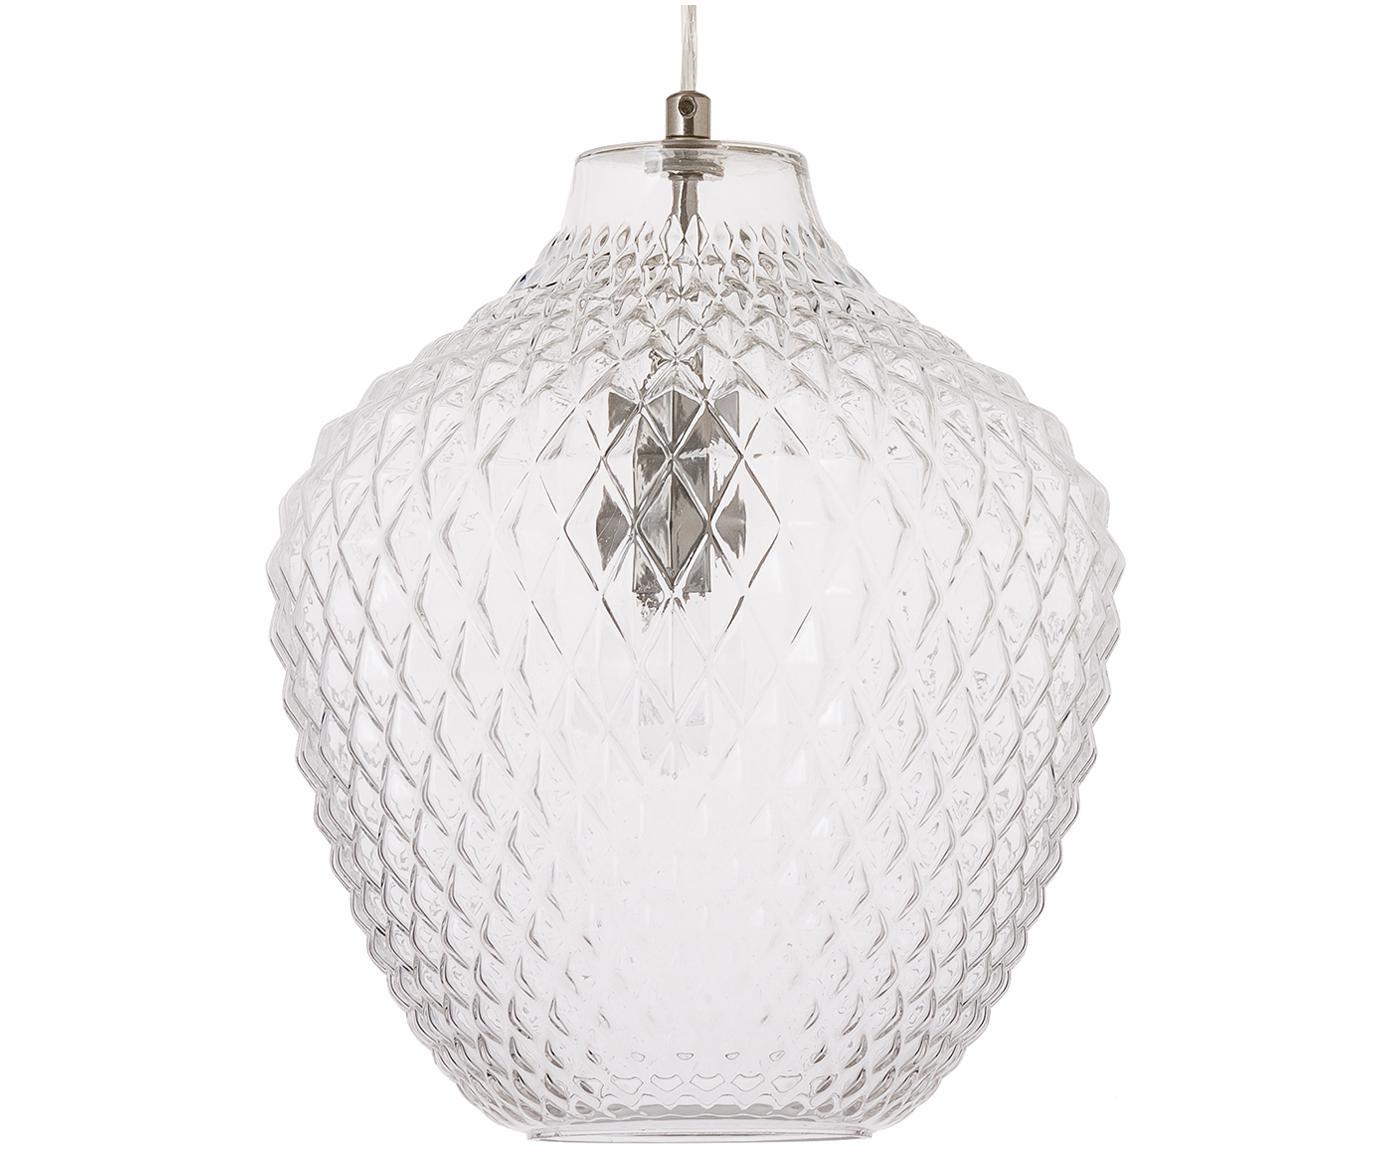 Lámpara de techo Lee, Pantalla: vidrio, Transparente, cromo, ∅ 27 x Al 33 cm